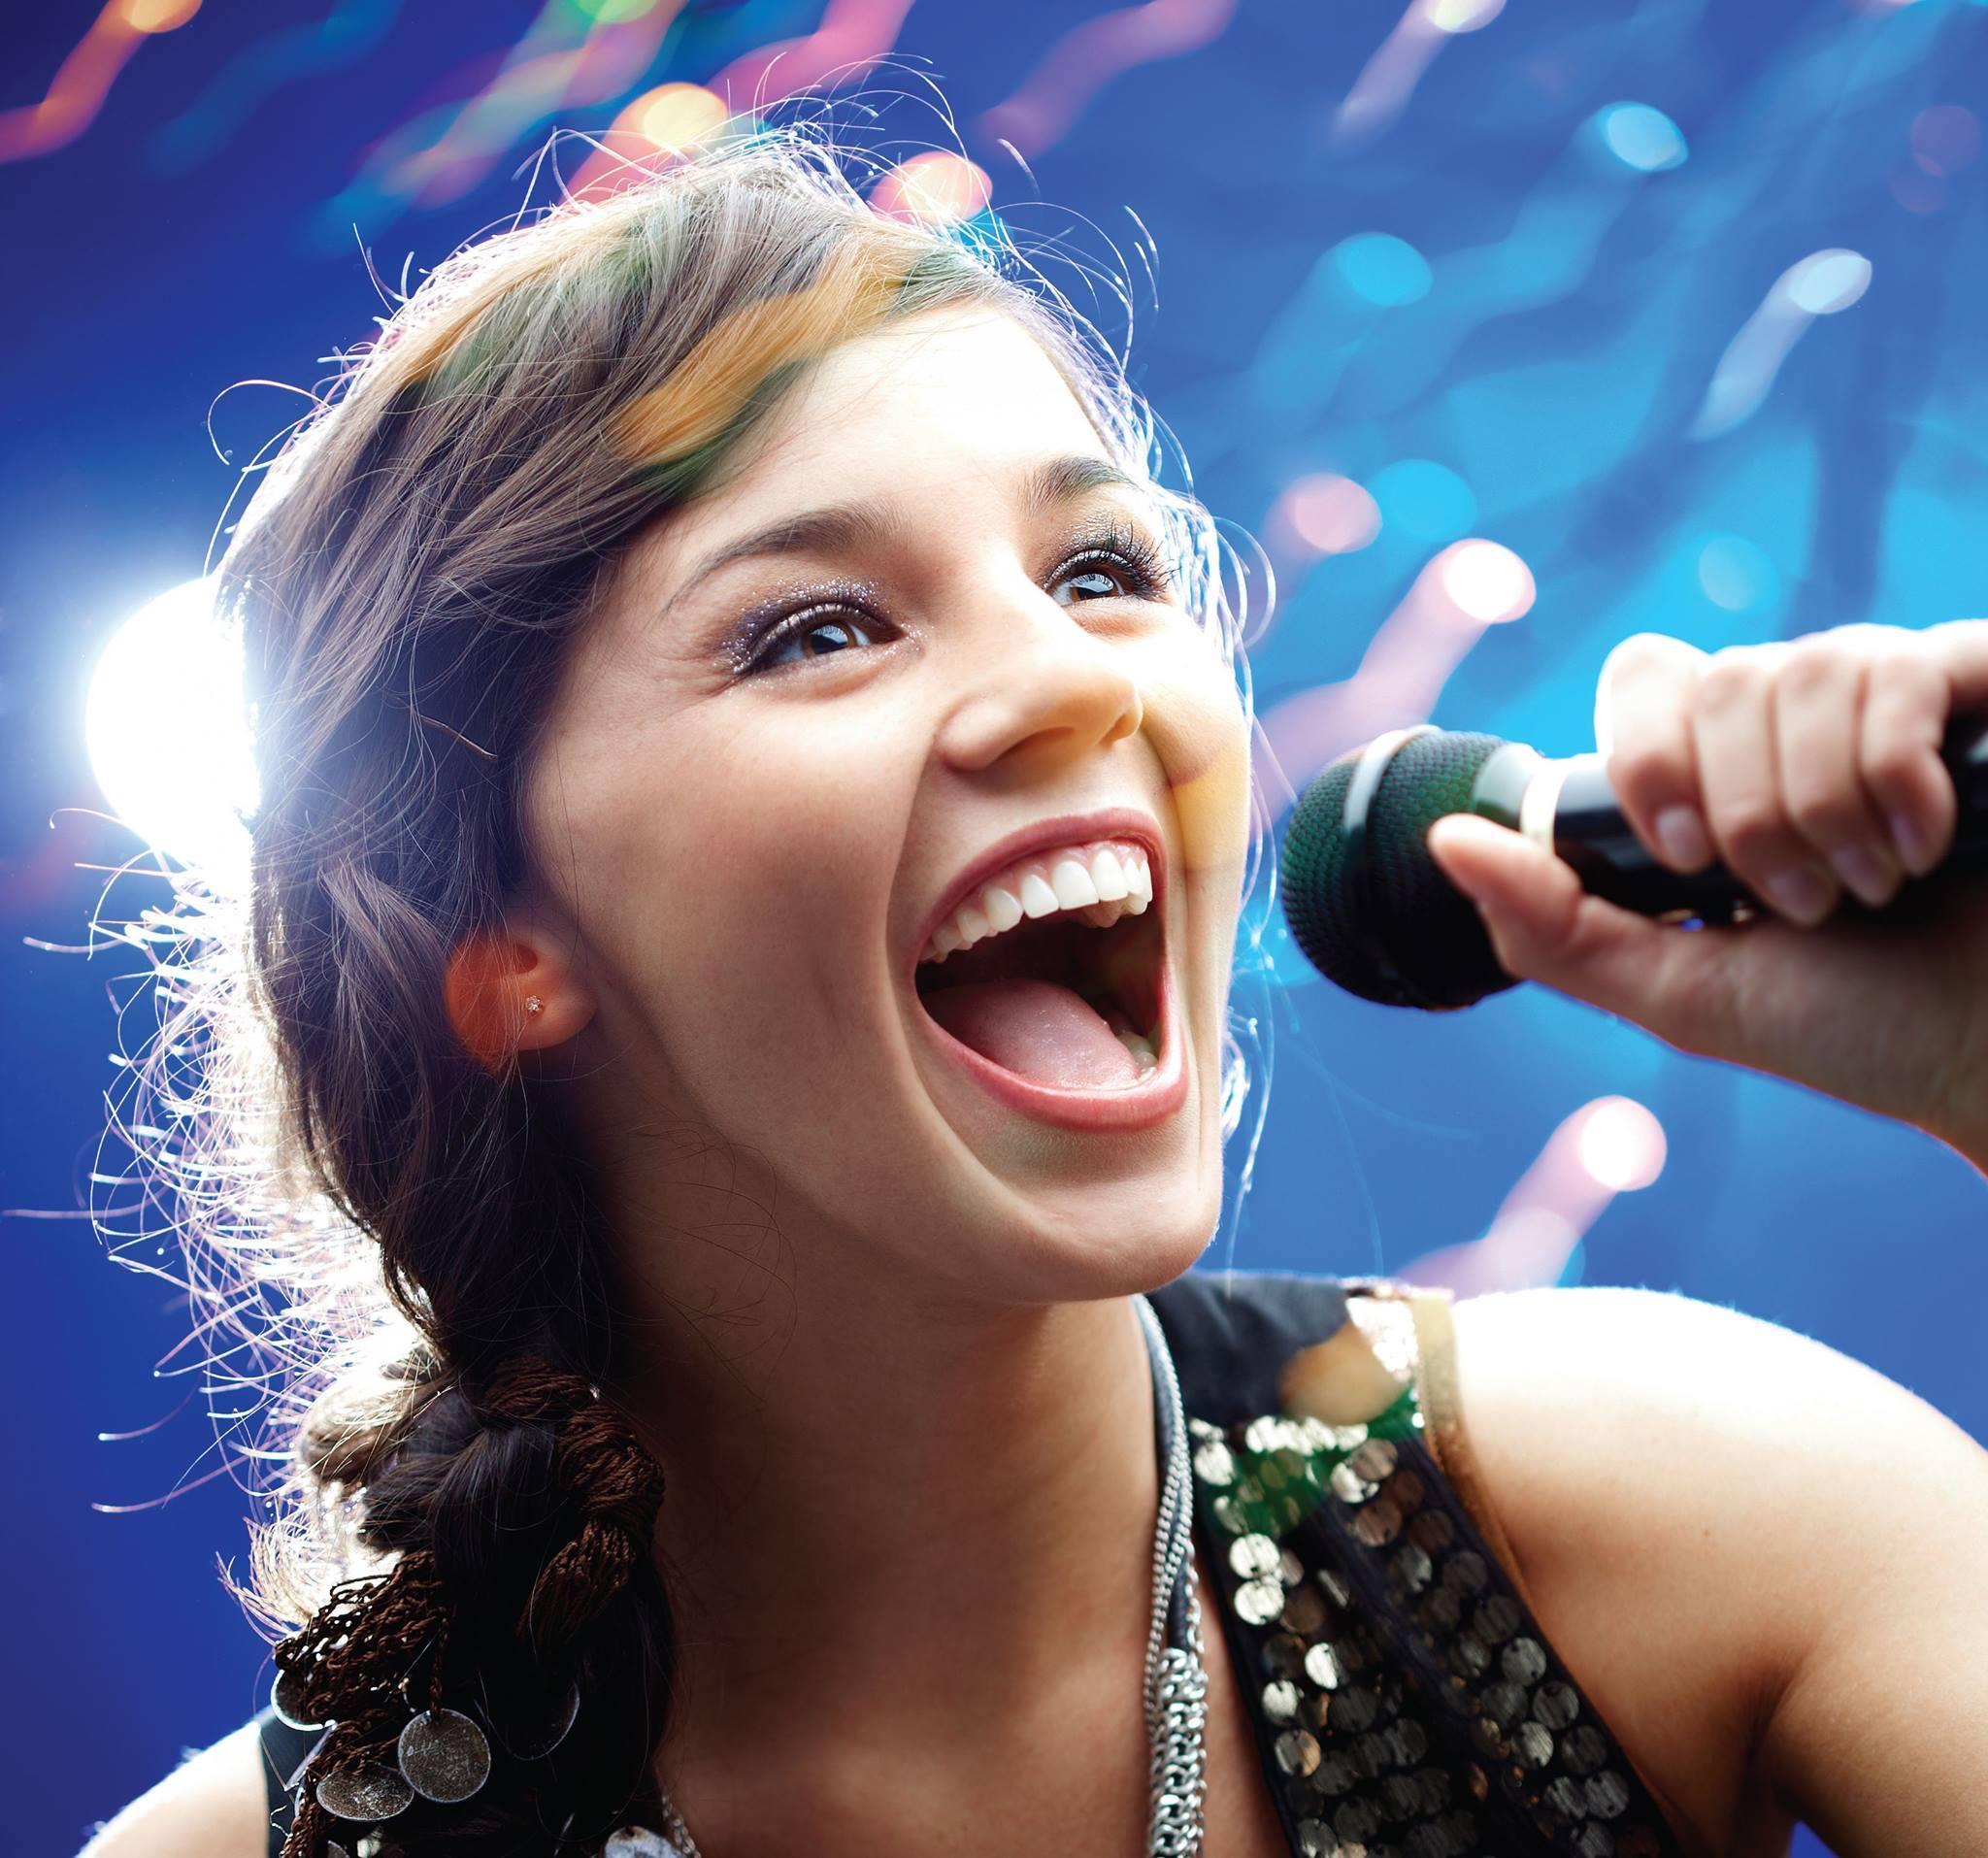 27. augustil toimuvad katsed uute lauljate vastuvõtuks